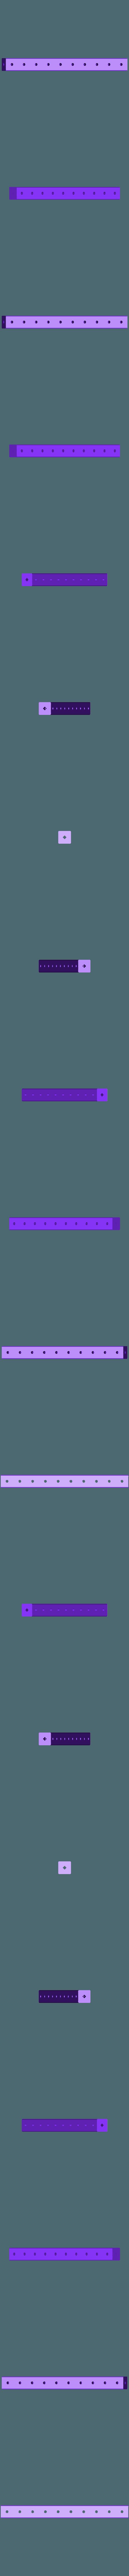 2020CompatibleBeam200RevB.stl Télécharger fichier STL gratuit Faisceau compatible 2020 • Design pour imprimante 3D, ThinkSolutions